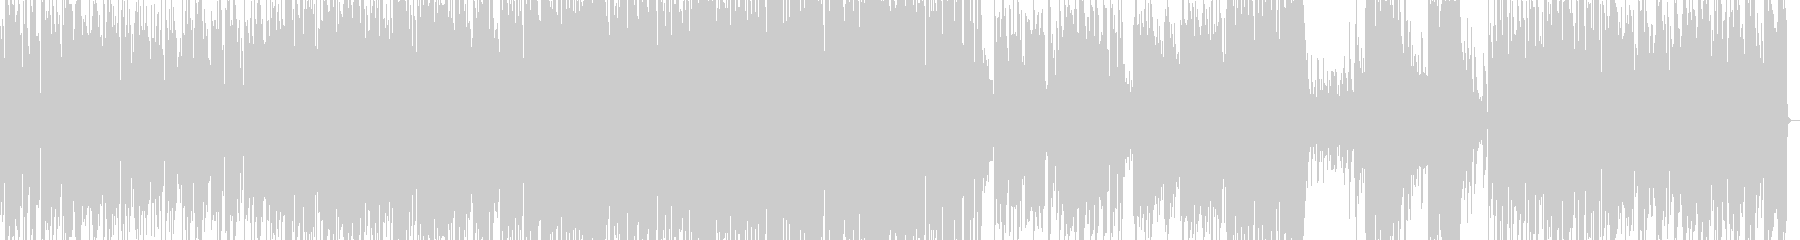 スタンダードジャズの軽快なピアノトリオの未再生の波形